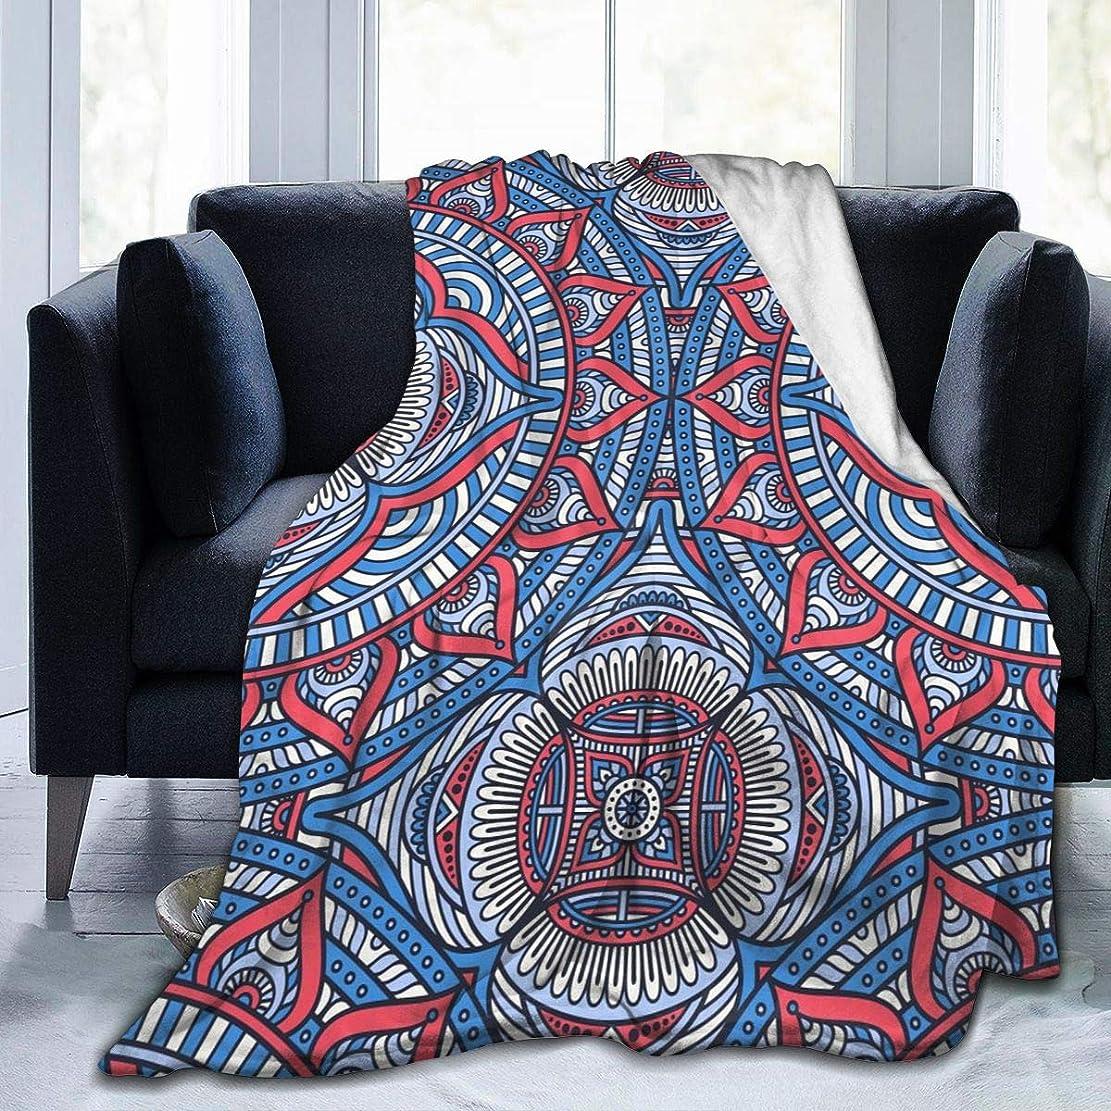 銀間違いなく資格情報曼荼羅 ヨガ インド 毛布 掛け毛布 ブランケット シングル 暖かい柔らかい ふわふわ フランネル 毛布 三つのサイズ